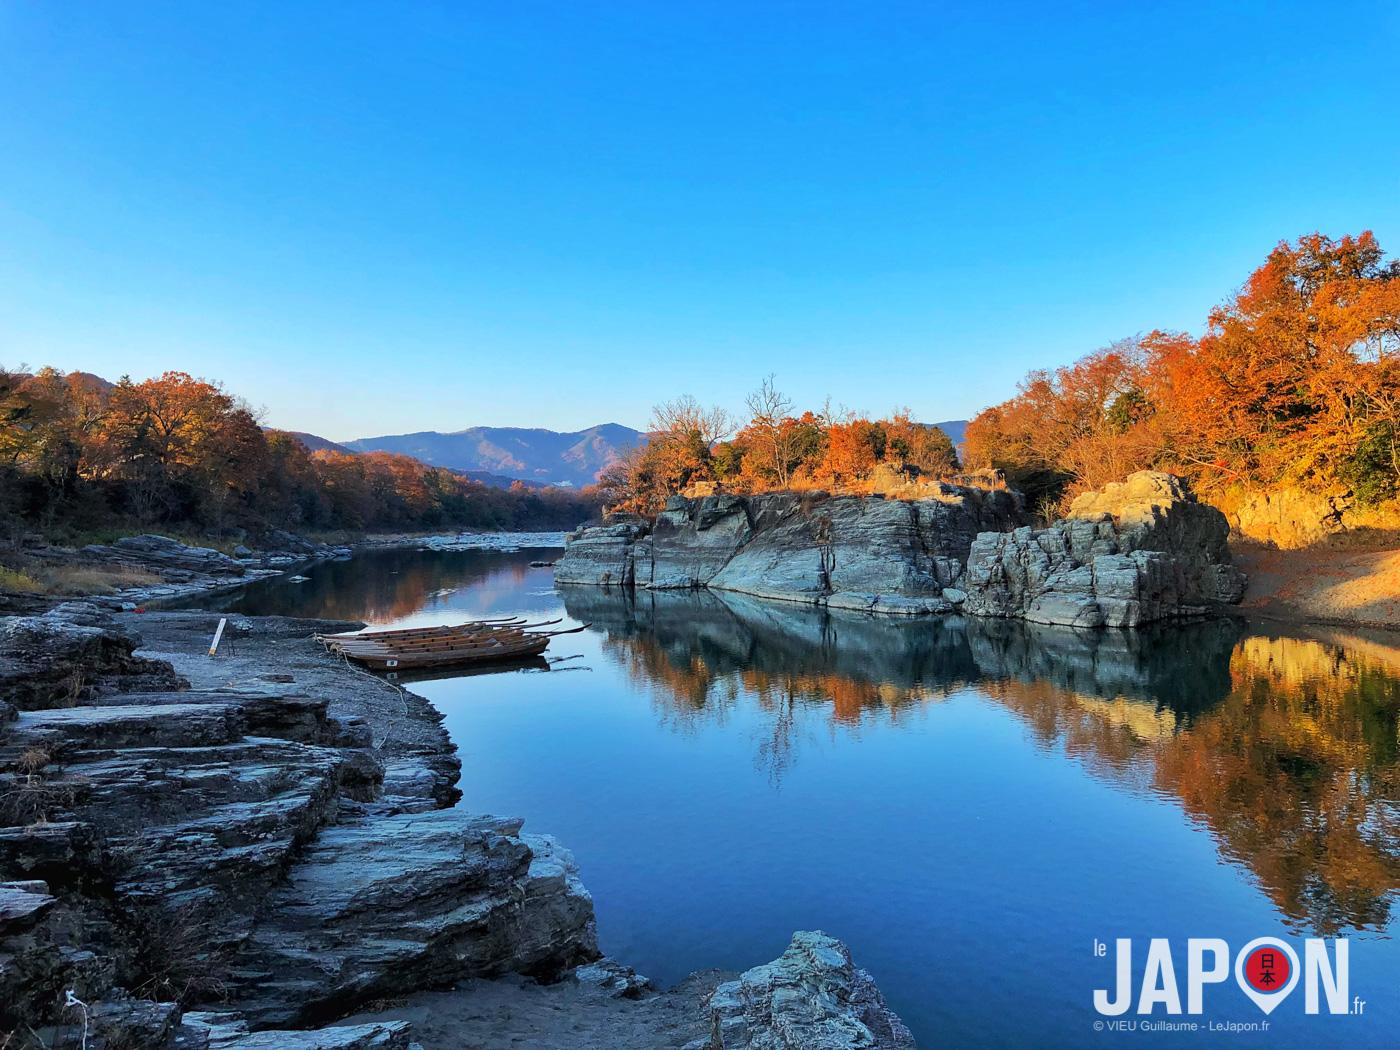 Rivière Arakawa sur les abords de Nagatoro aux couleurs automnales